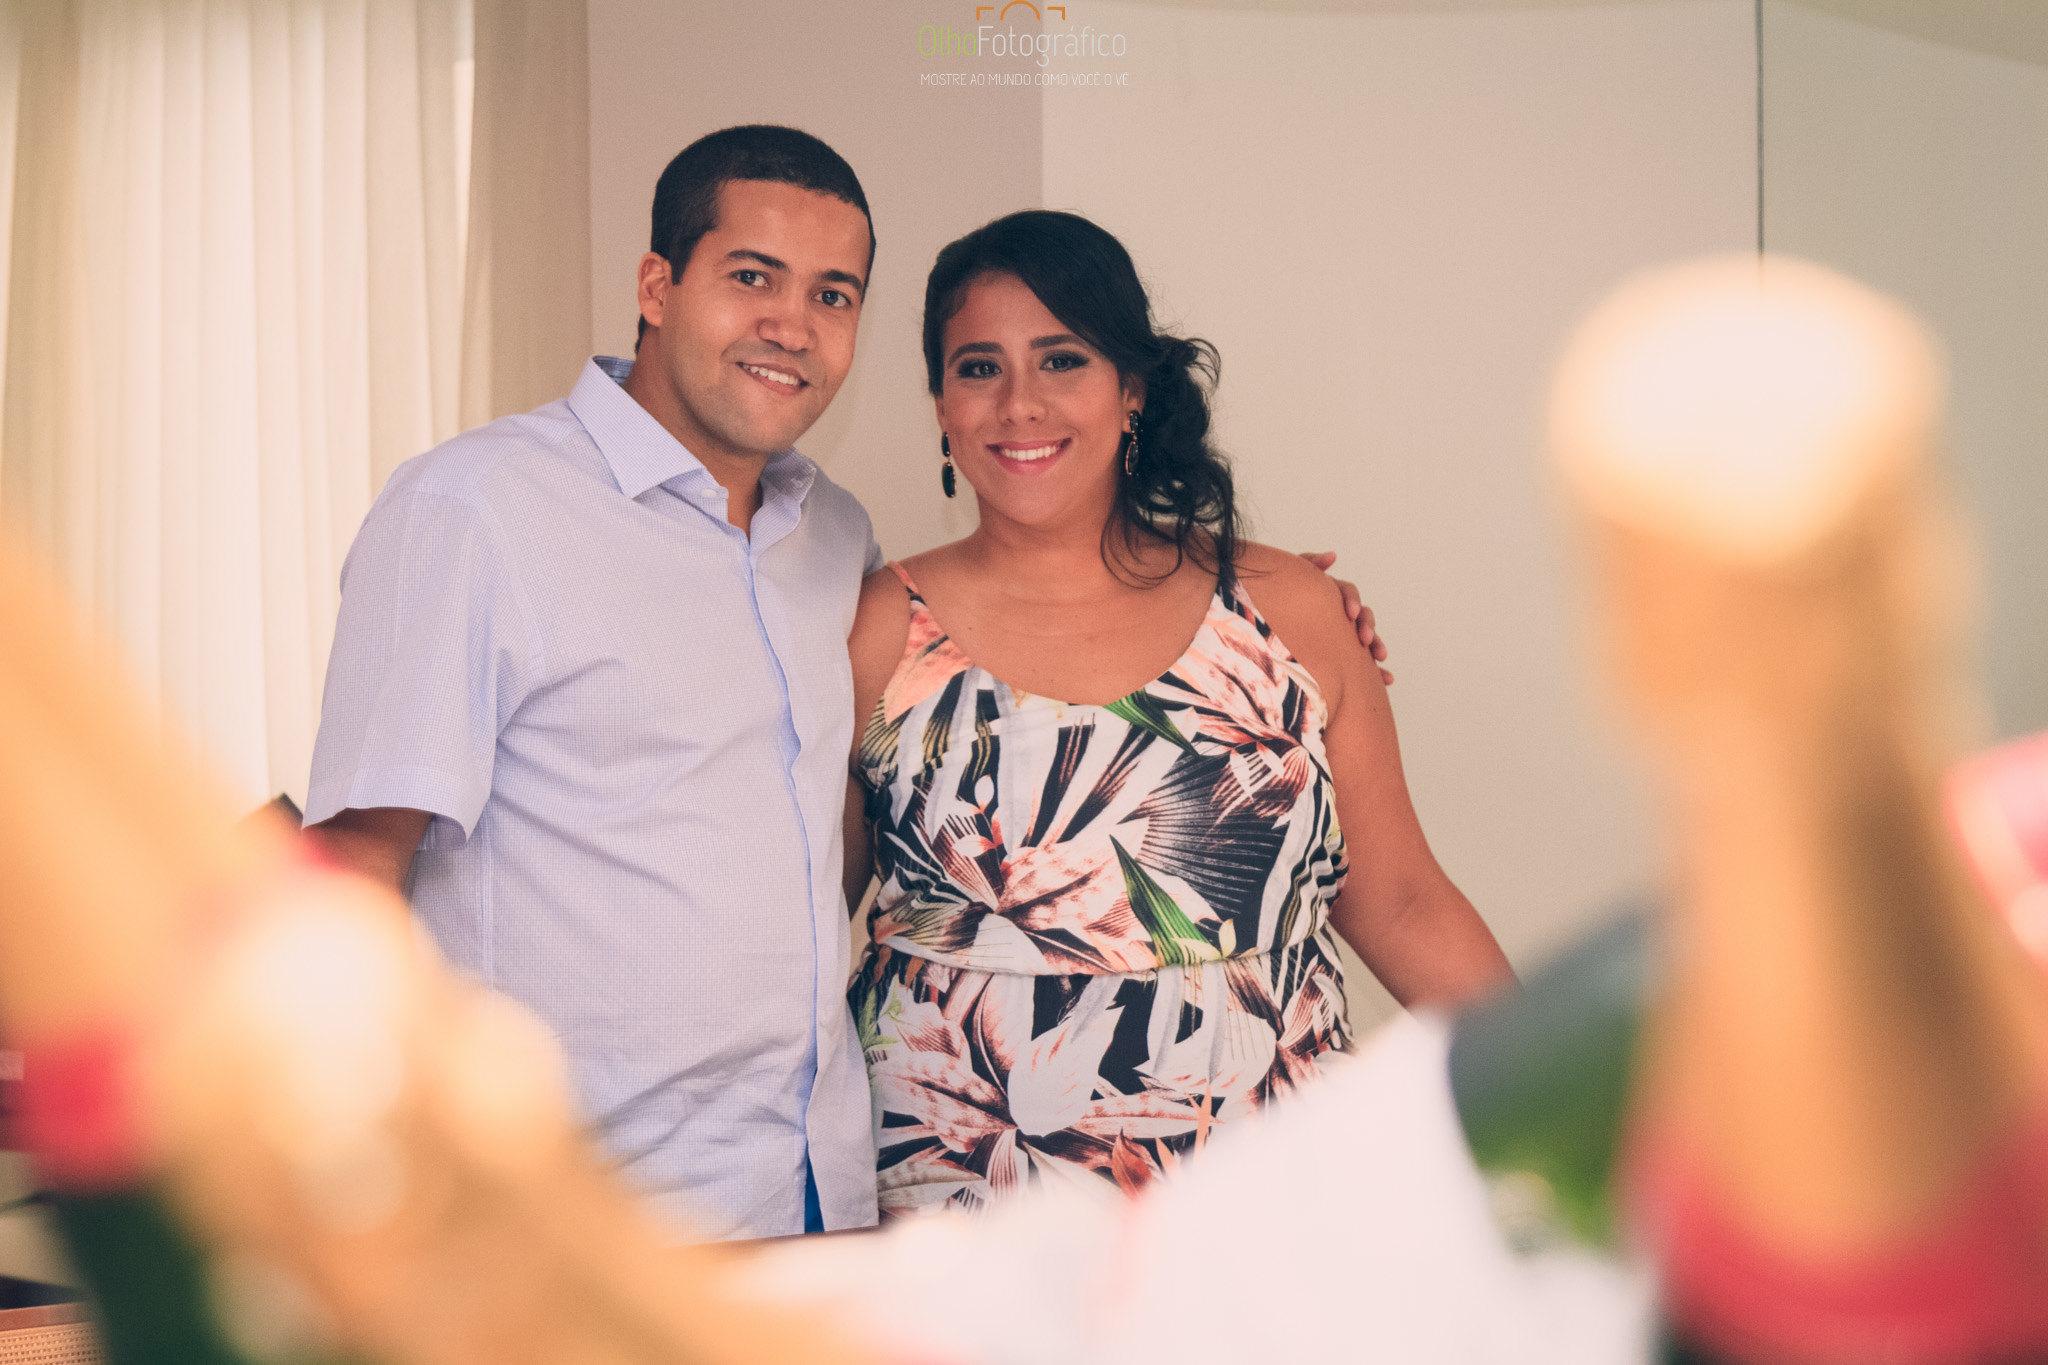 Rafael & Fernanda